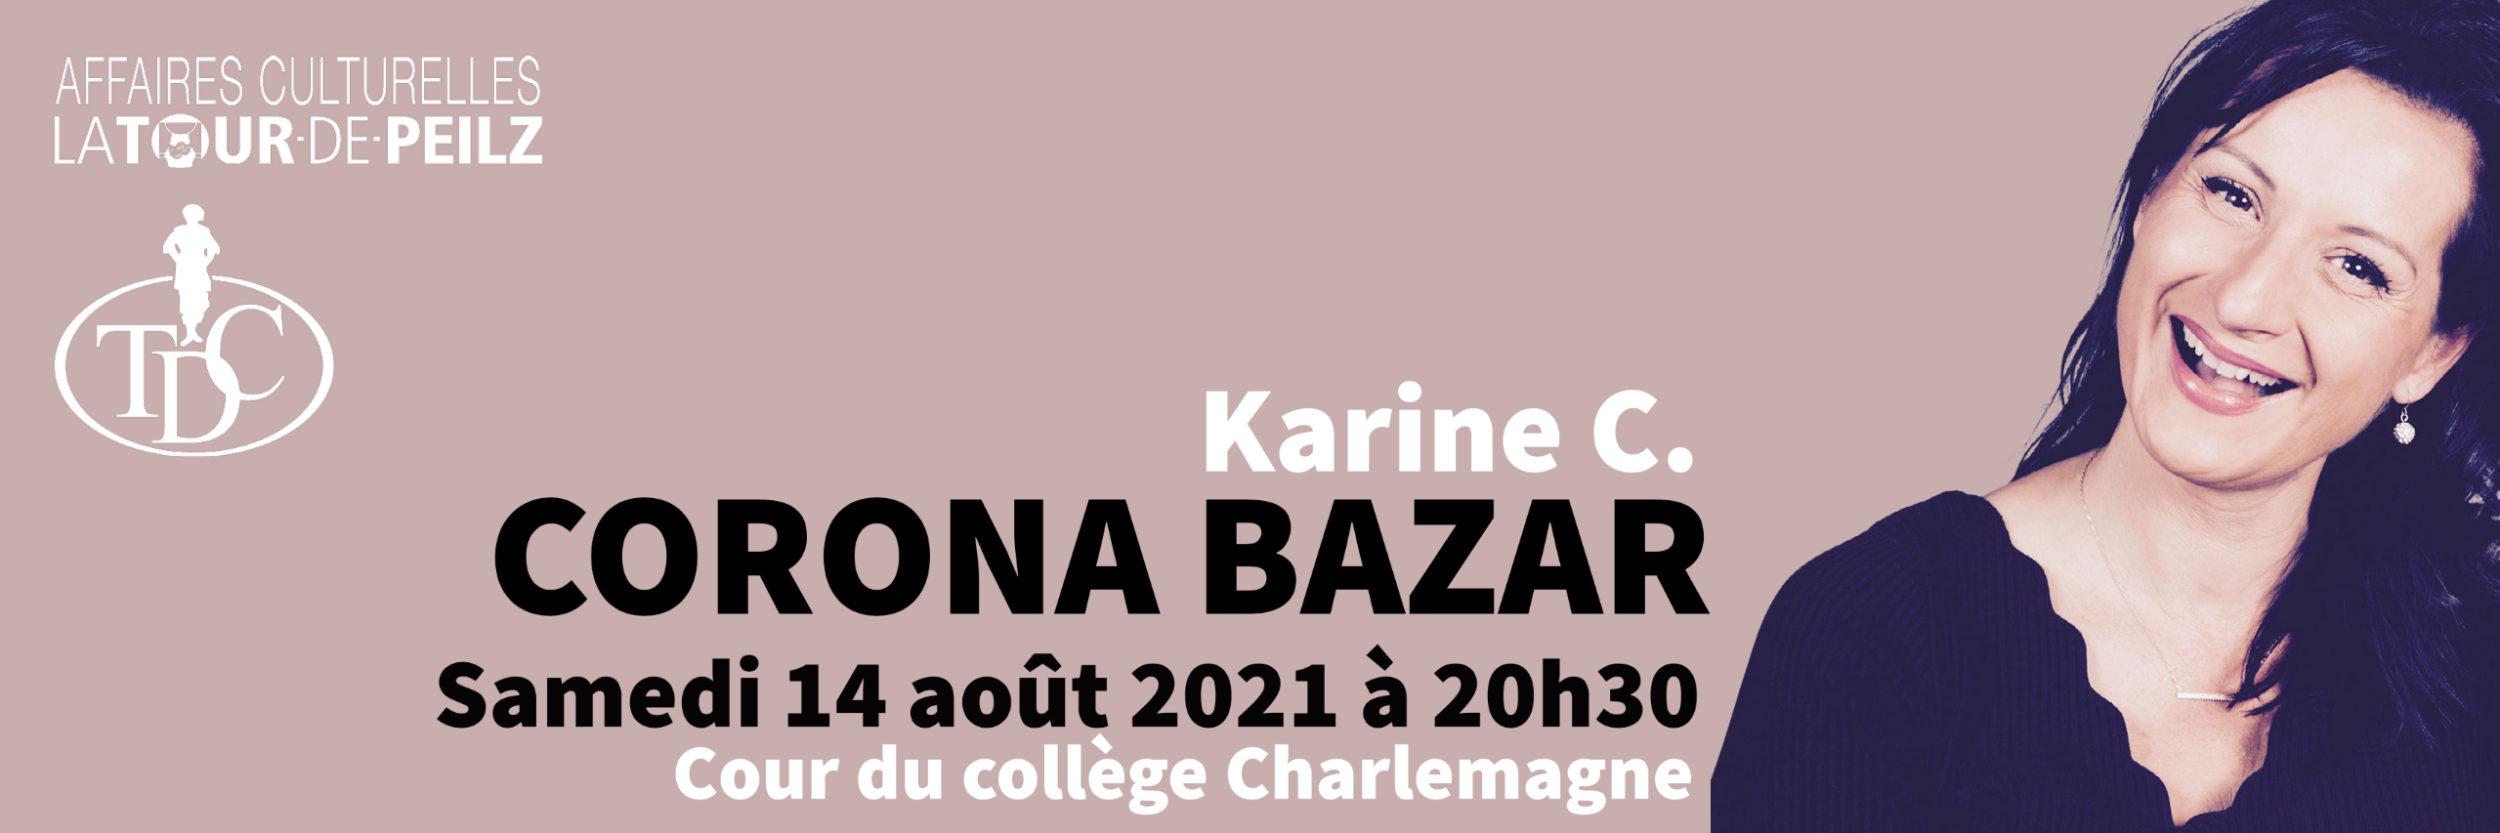 KarineC